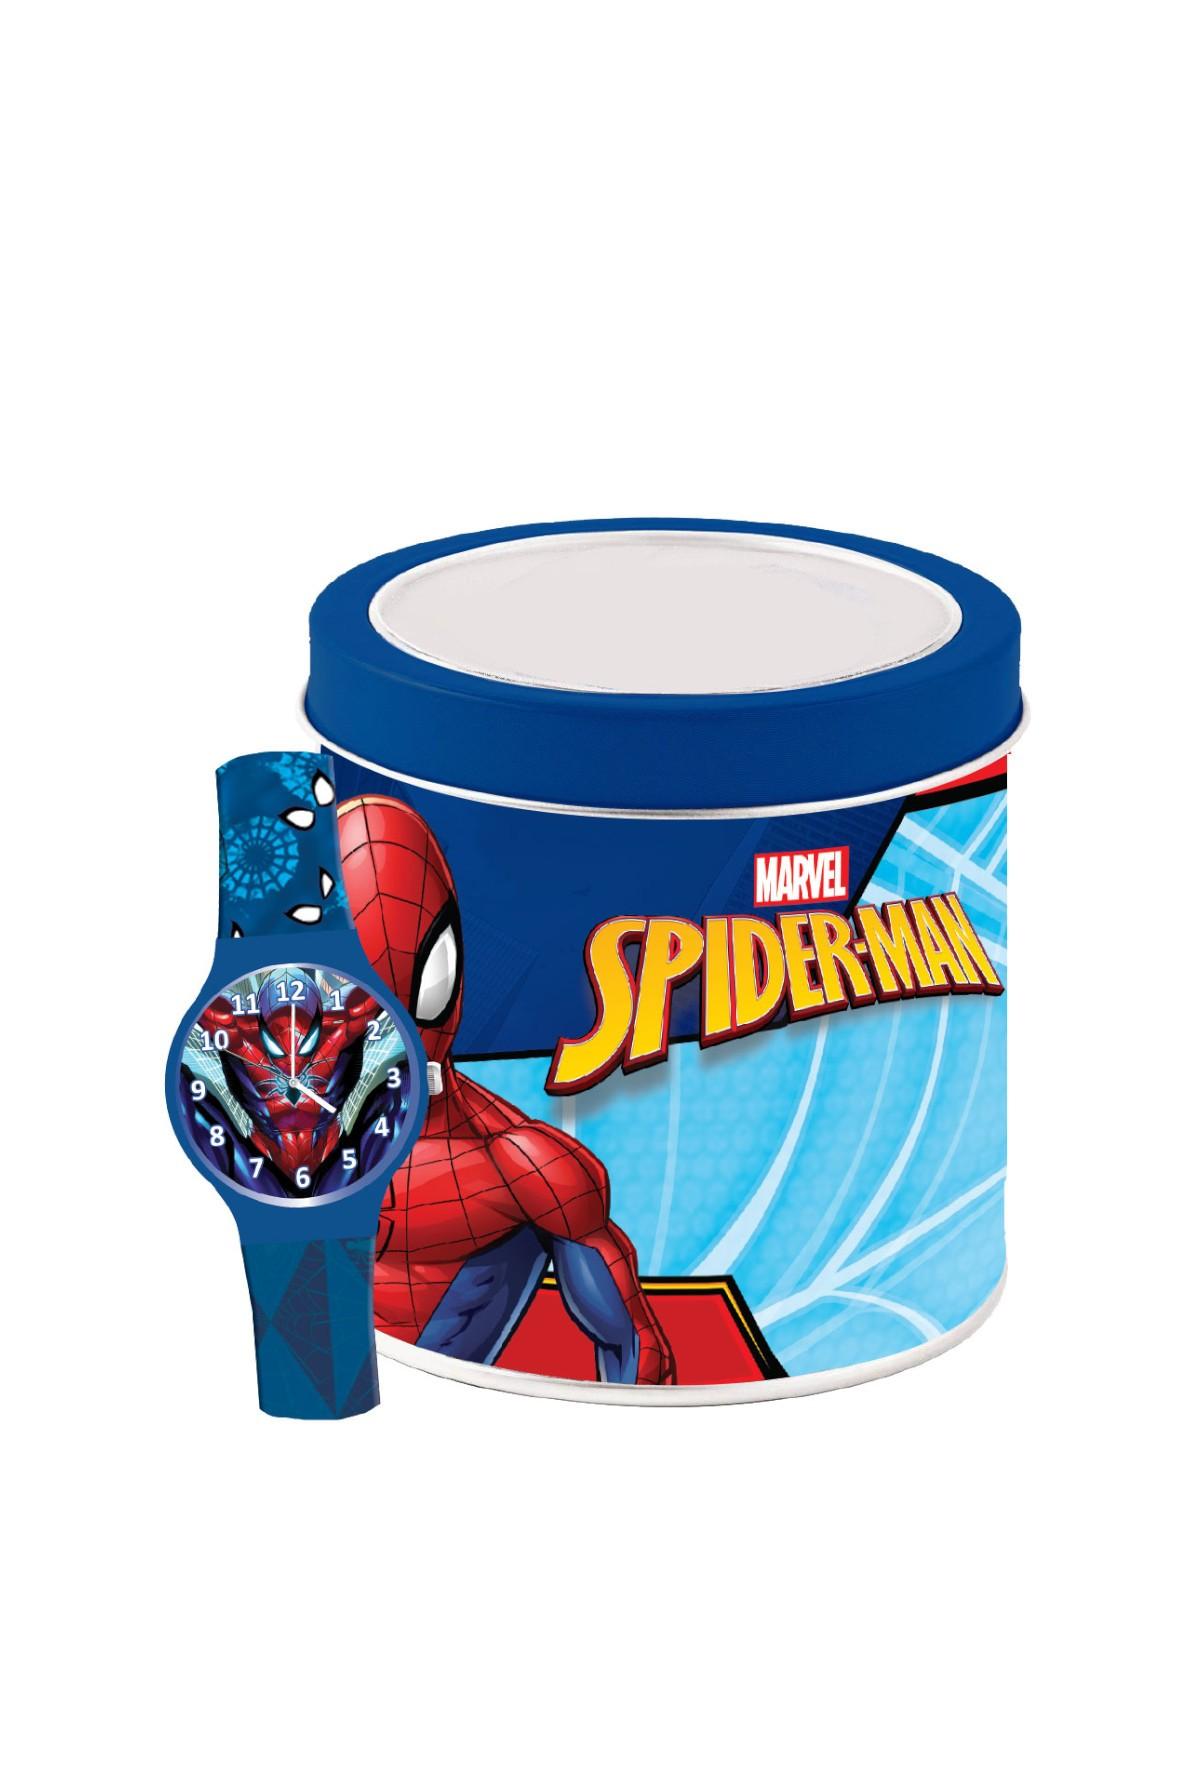 Zegarek Analogowy Spiderman w puszce 3+